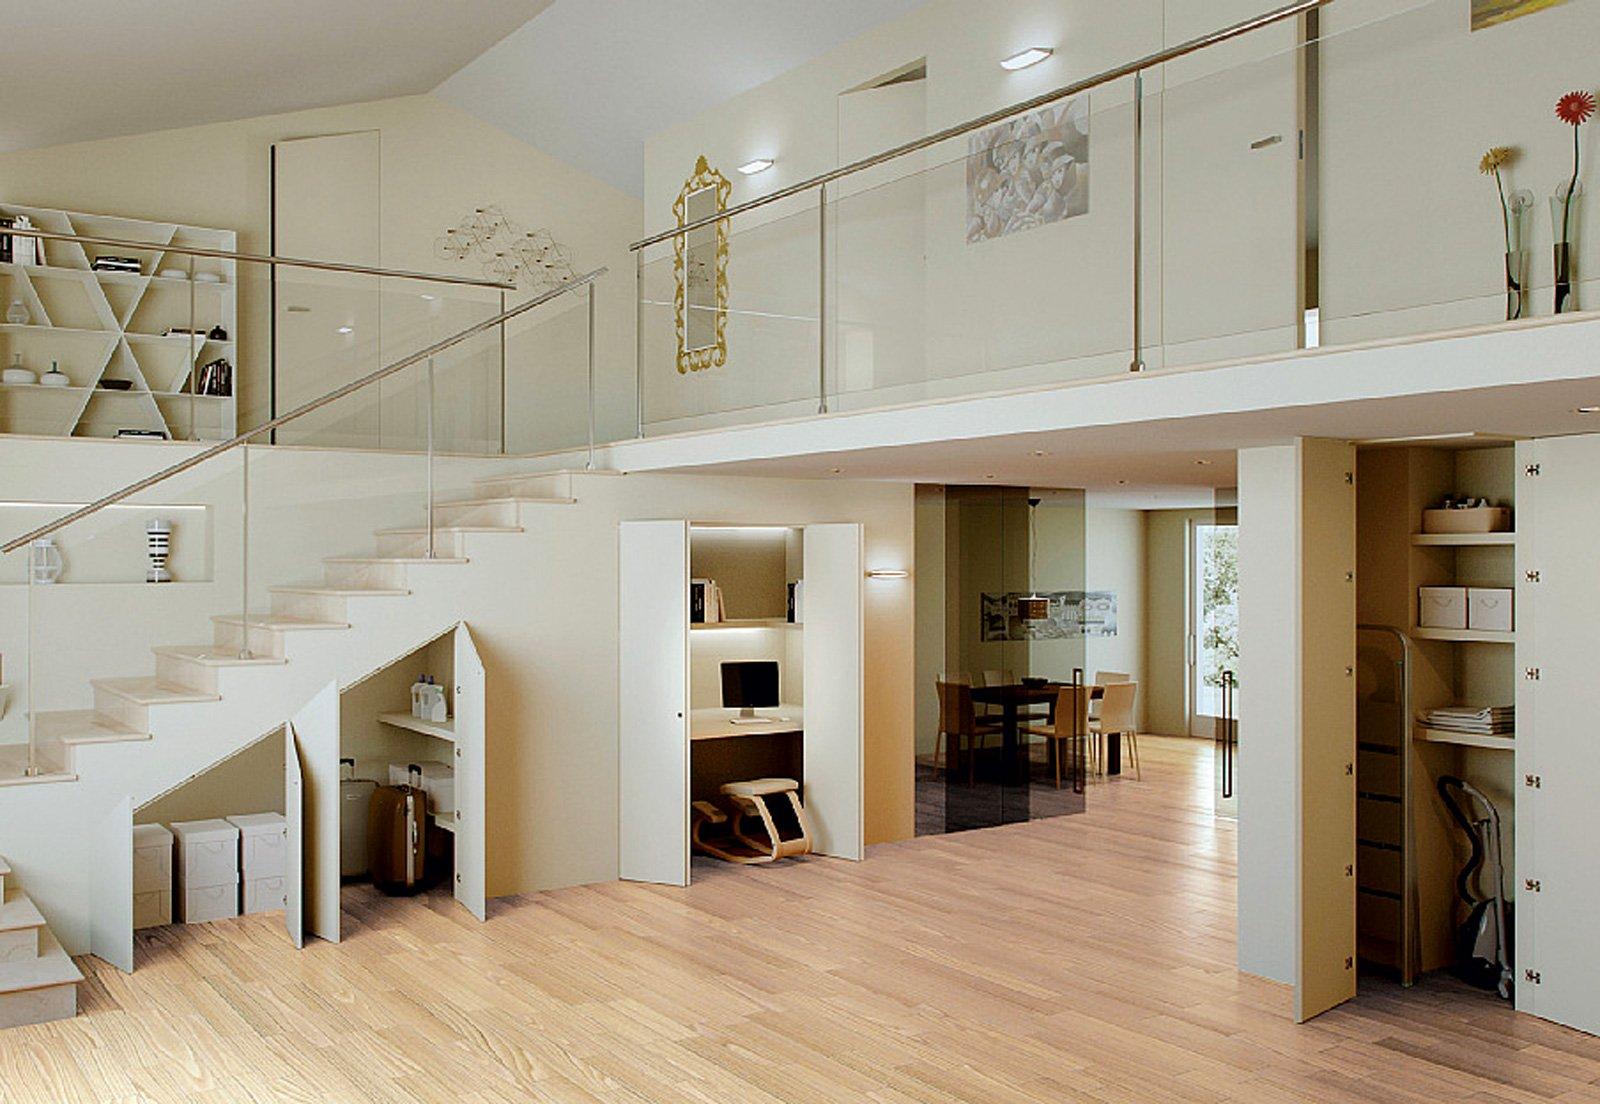 Armadio sottoscala con soluzioni filomuro cose di casa for Idee per la casa arredamento